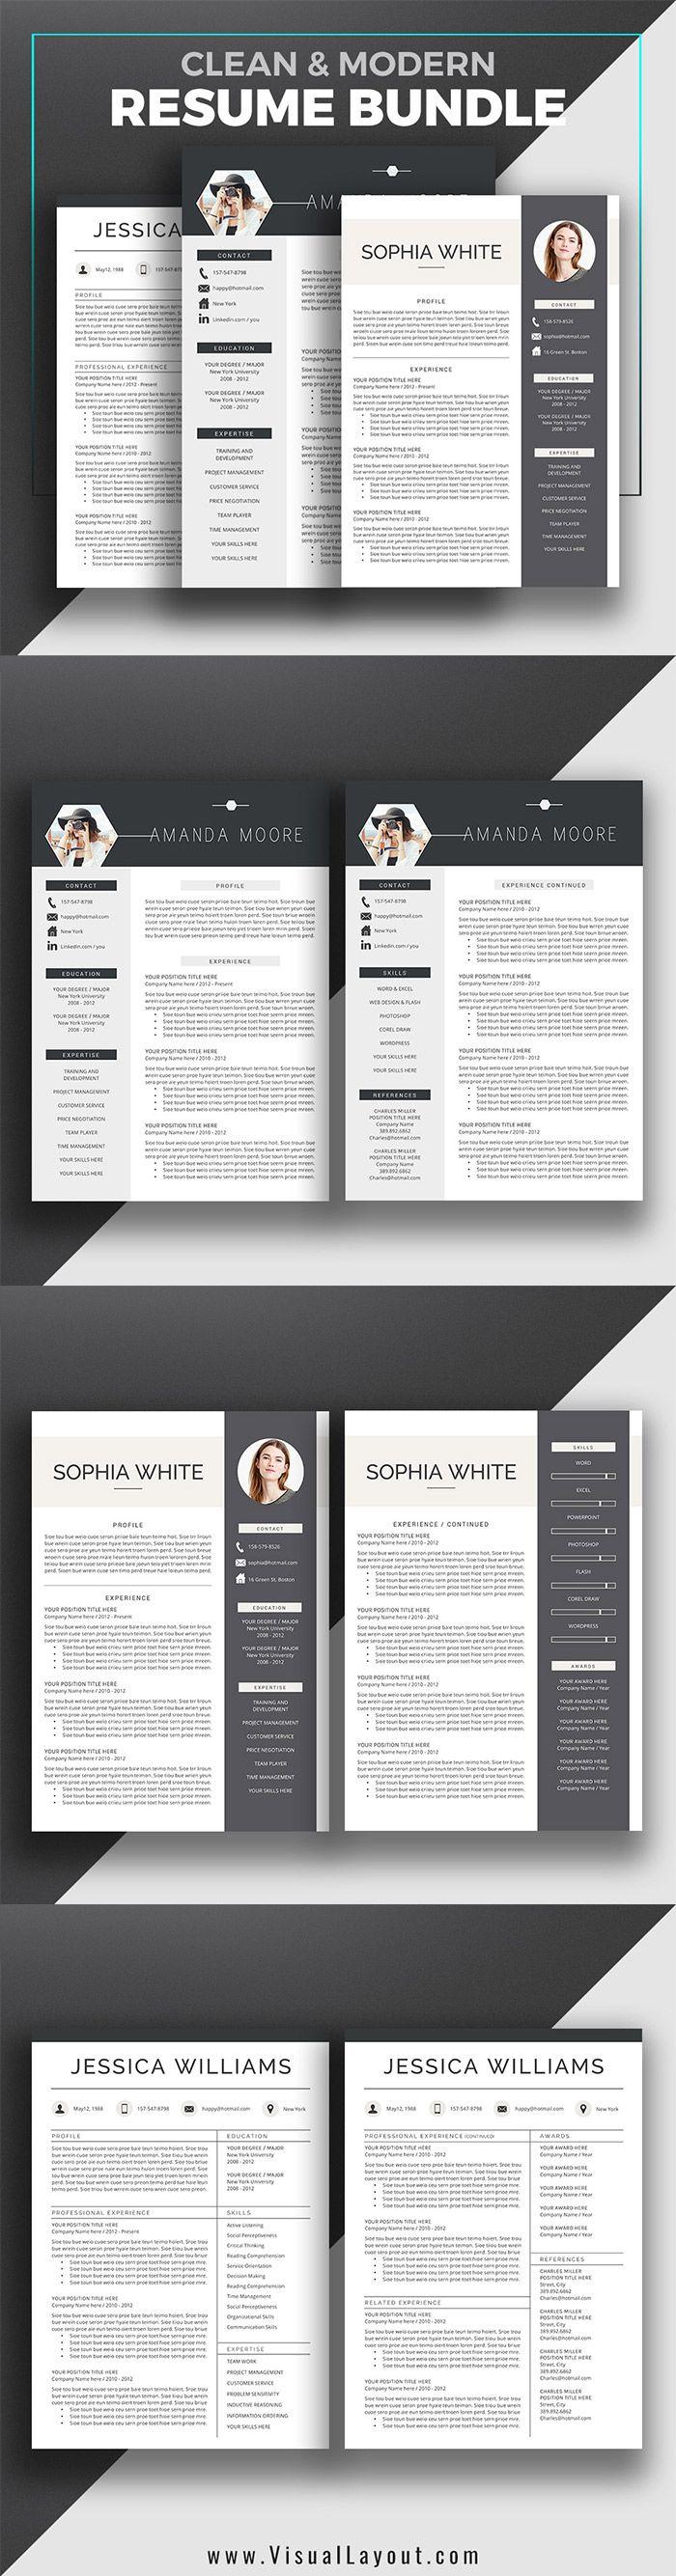 Professional Resume Bundle Clean u0026 Modern ResumeCV